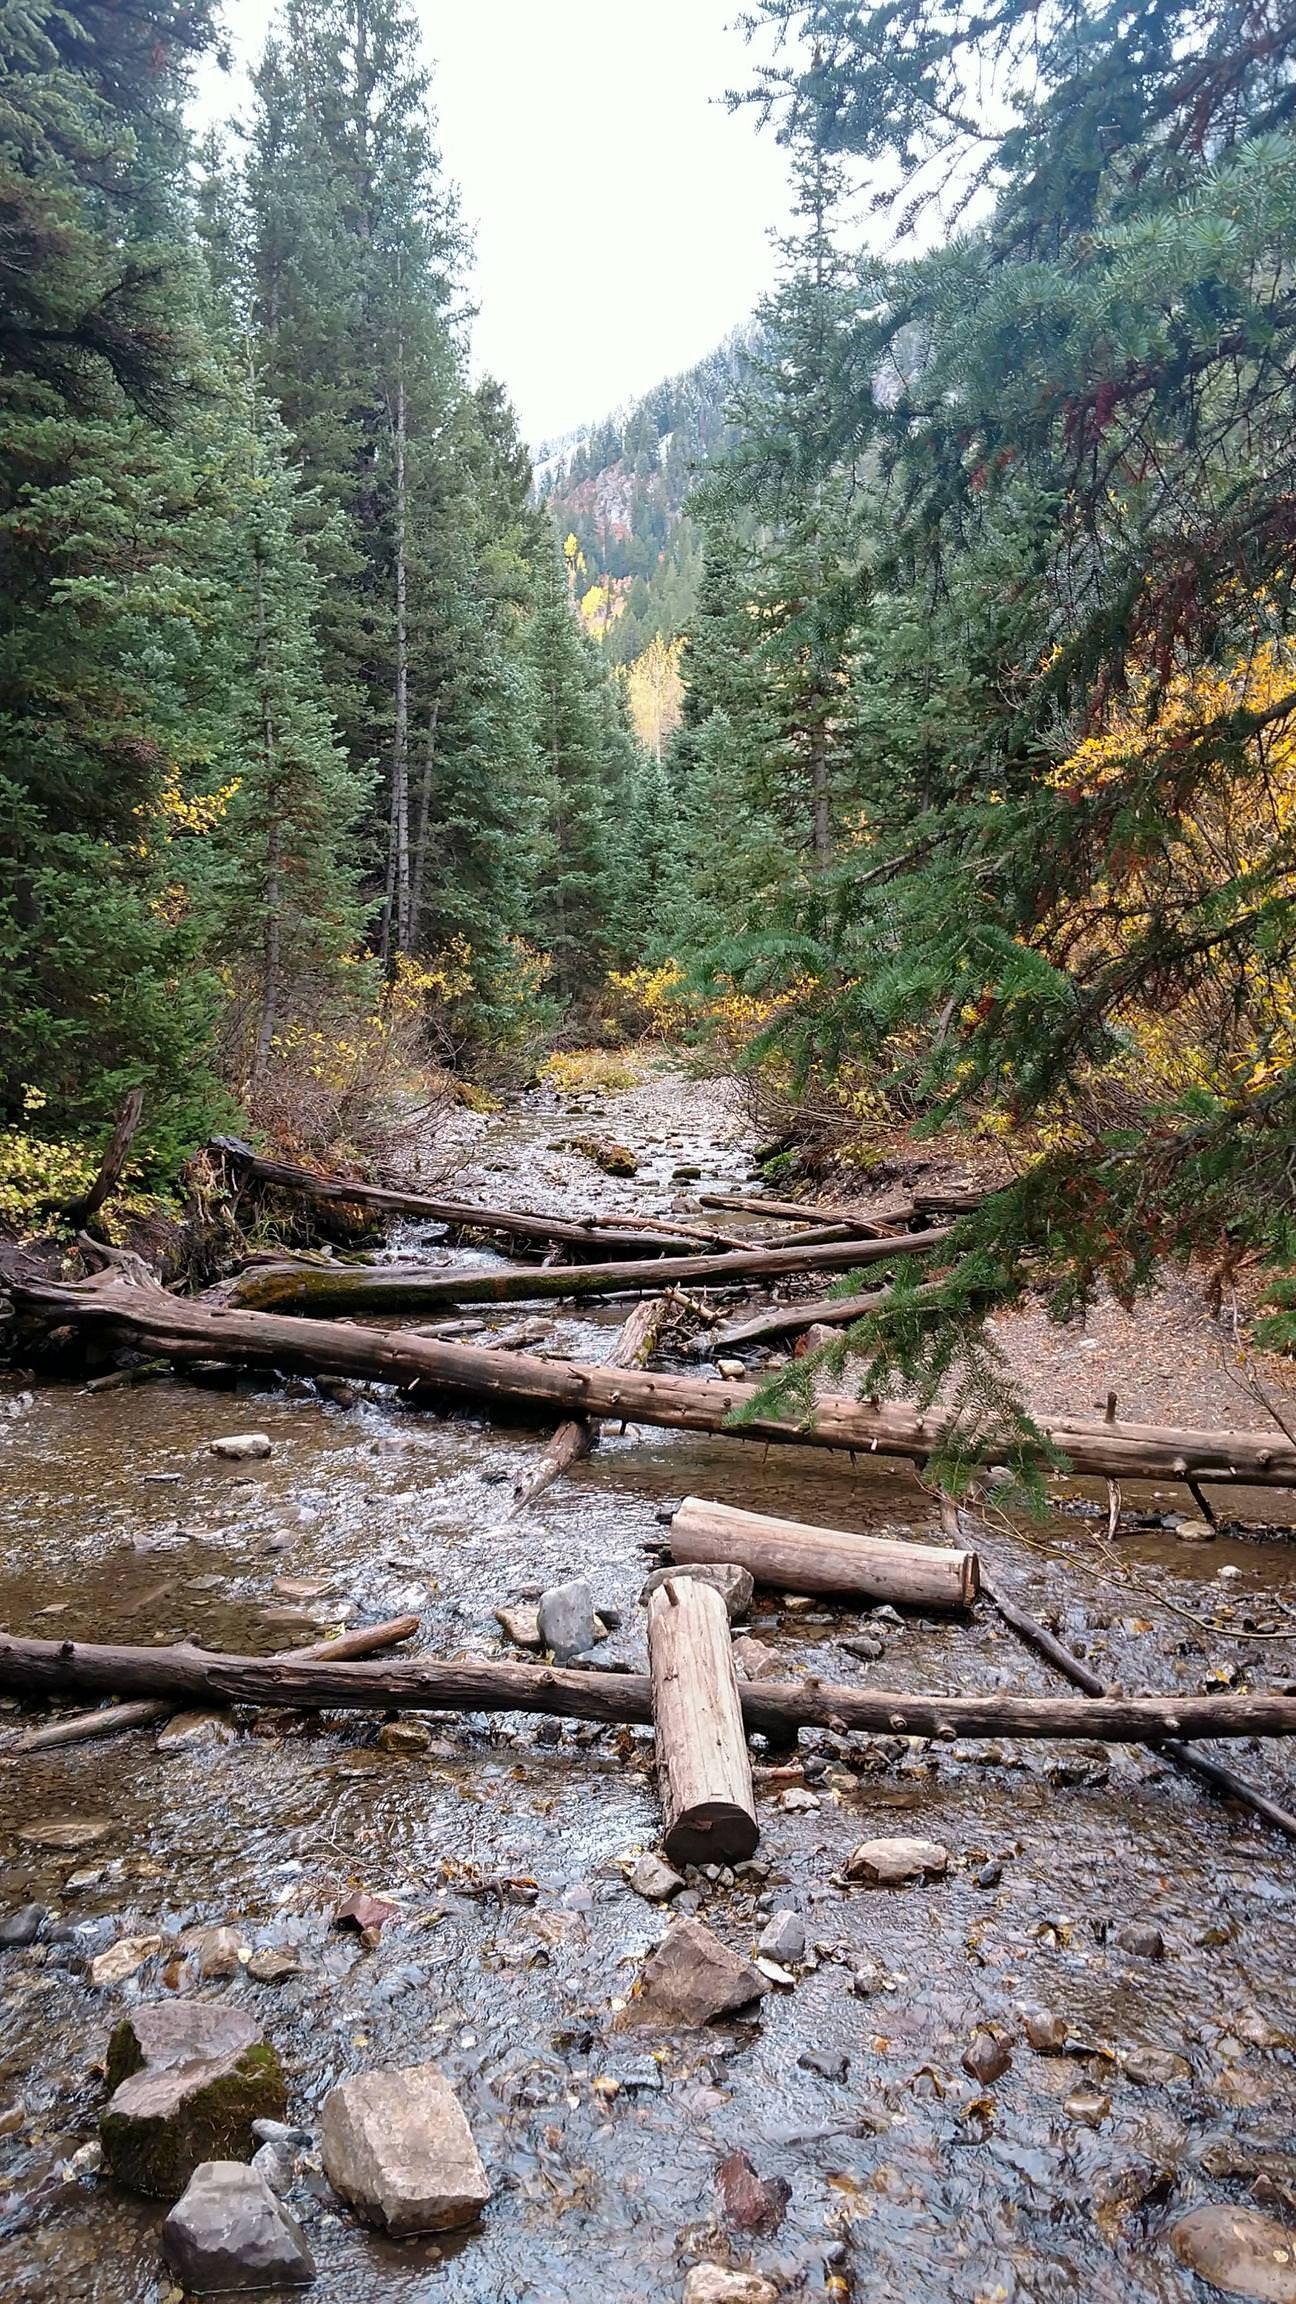 2160x3840 Oc Donut Falls Trail Just Outside Salt Lake City Utah Https Ift Tt 2ayprlf Salt Lake City Utah Lake Trail